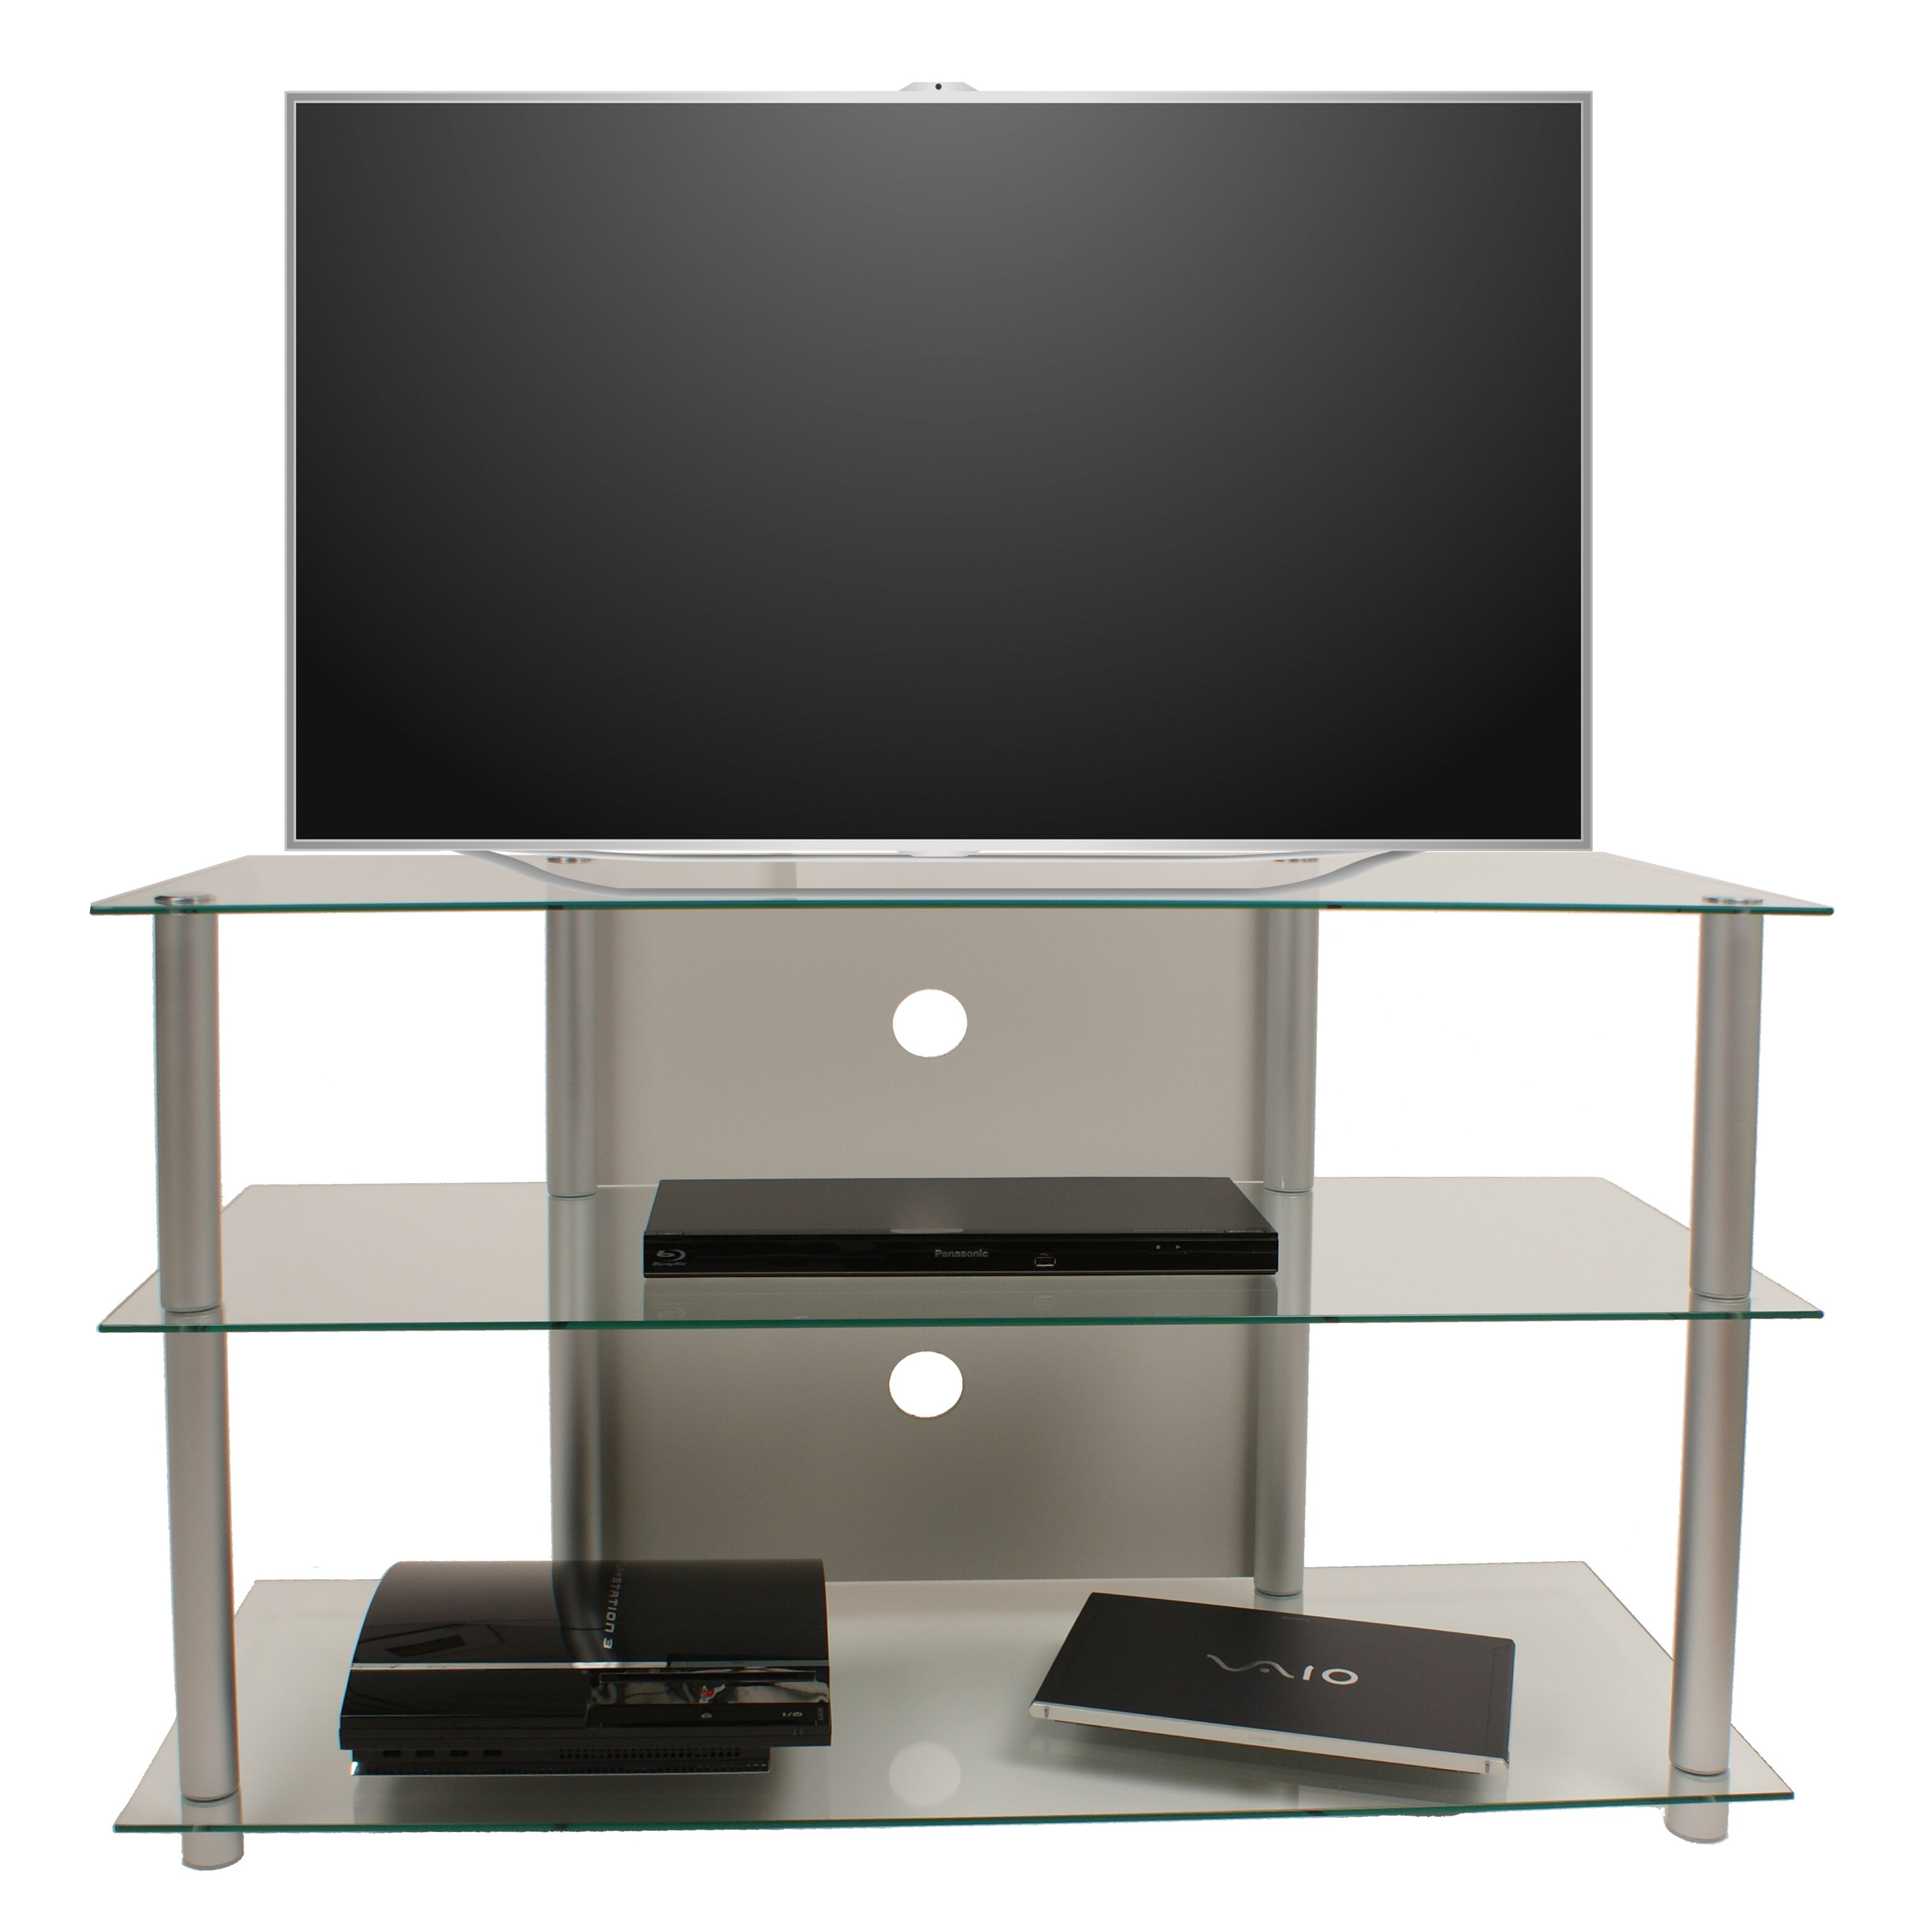 olopa tv rack wayfair uk. Black Bedroom Furniture Sets. Home Design Ideas